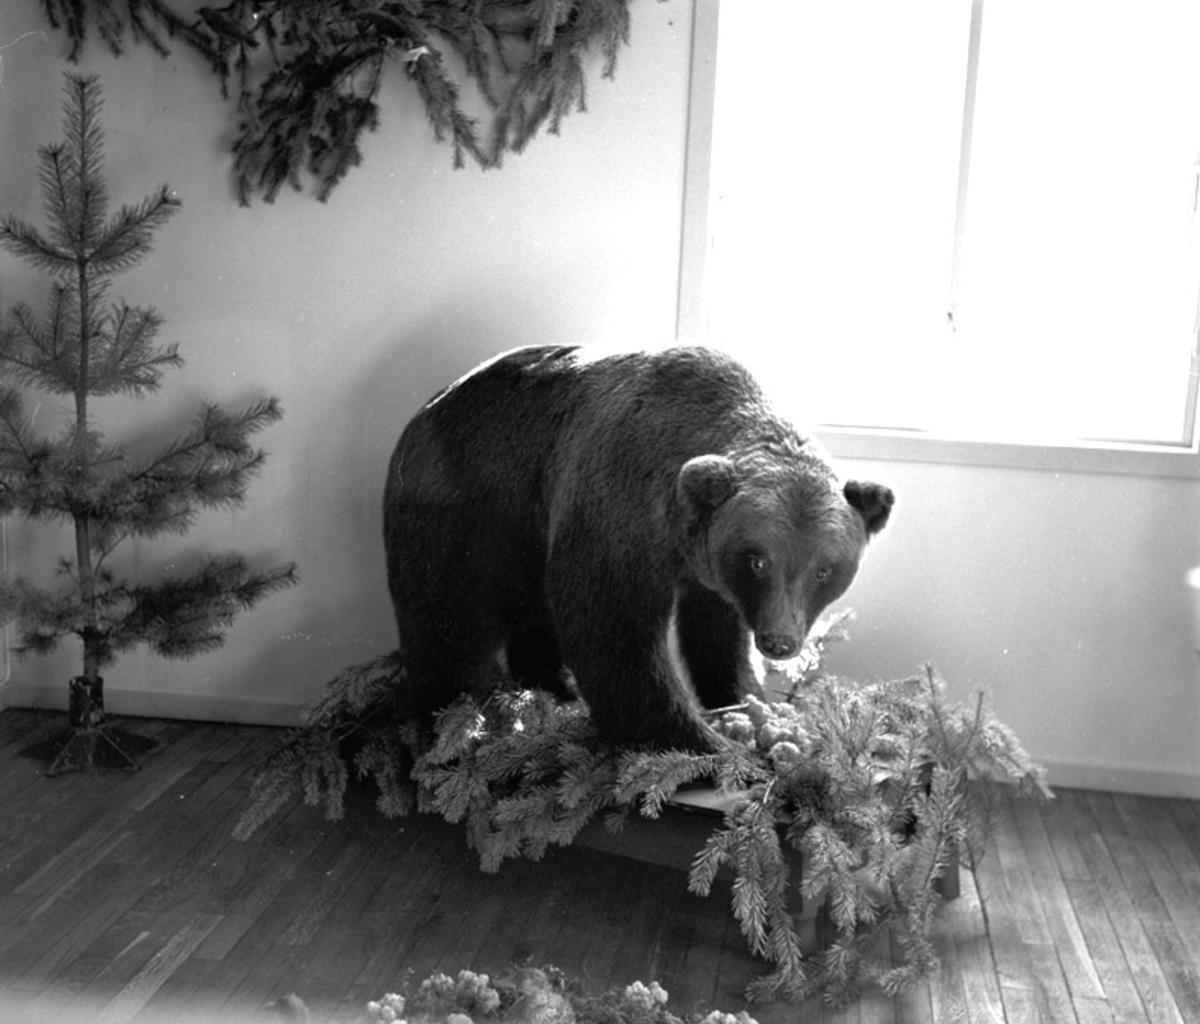 Utstoppet bjørn